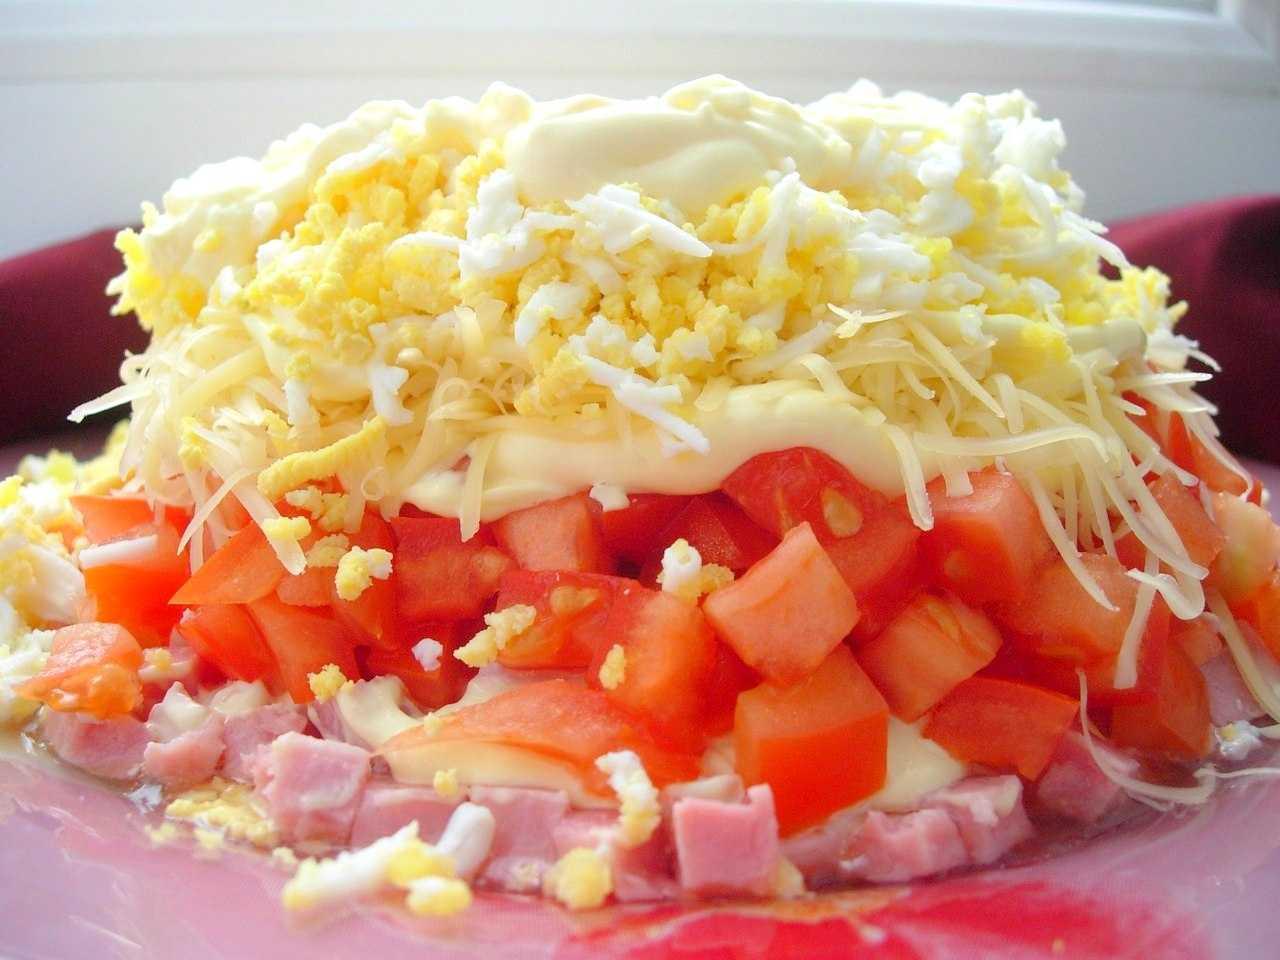 Салат за минут 5 с кириешками и кукурузой рецепт с фото пошагово - 1000.menu